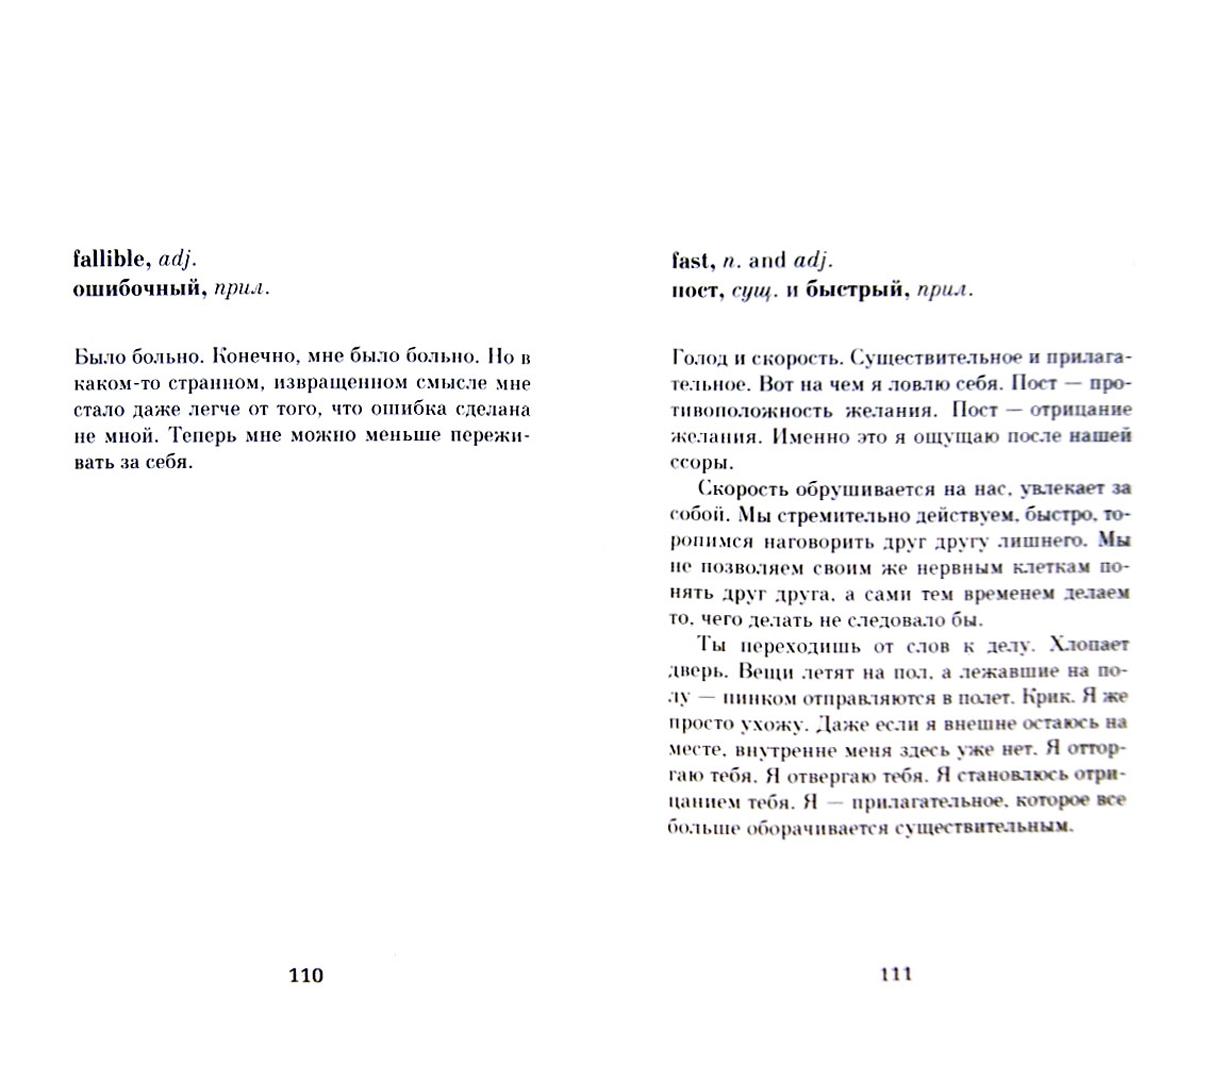 Иллюстрация 1 из 32 для Словарь любовника - Дэвид Левитан | Лабиринт - книги. Источник: Лабиринт